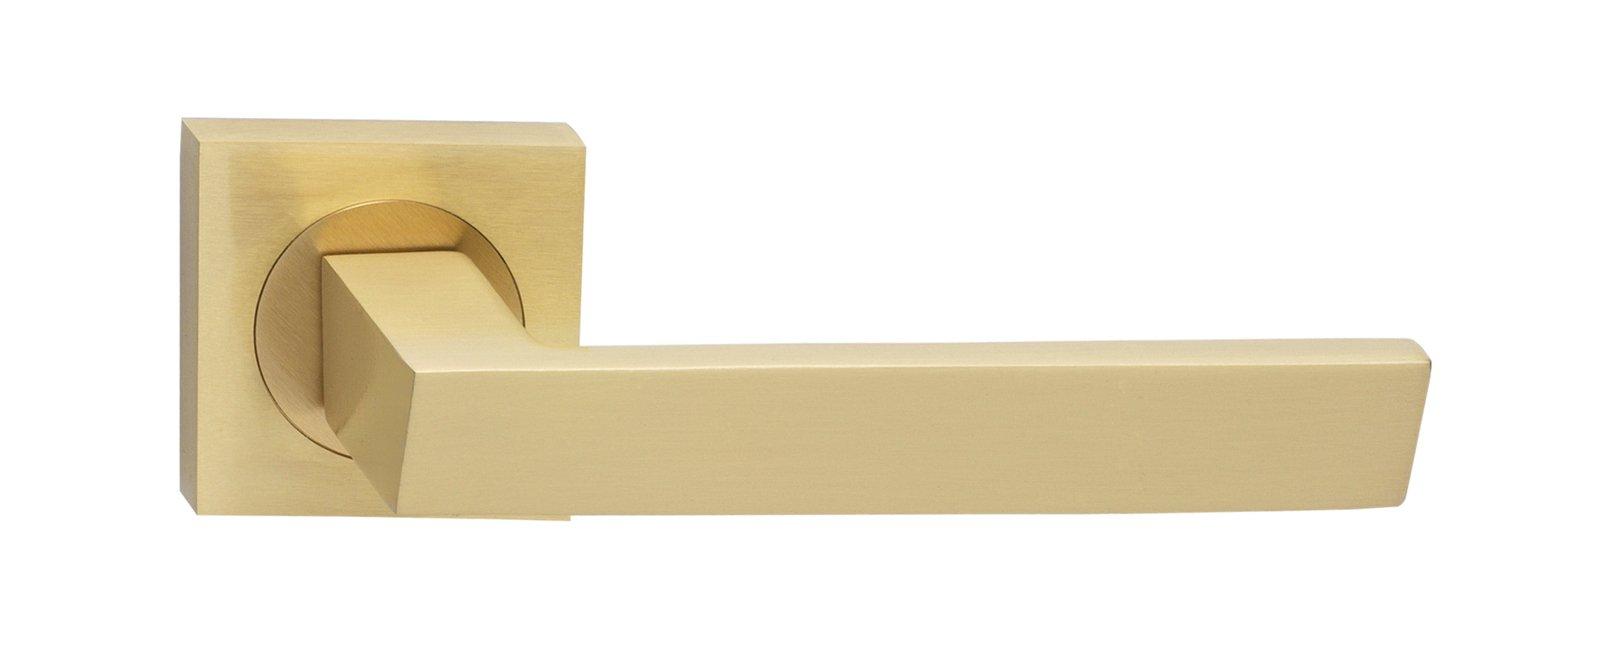 Maniglie avanti con le nuove cose di casa for Maniglie porte oro